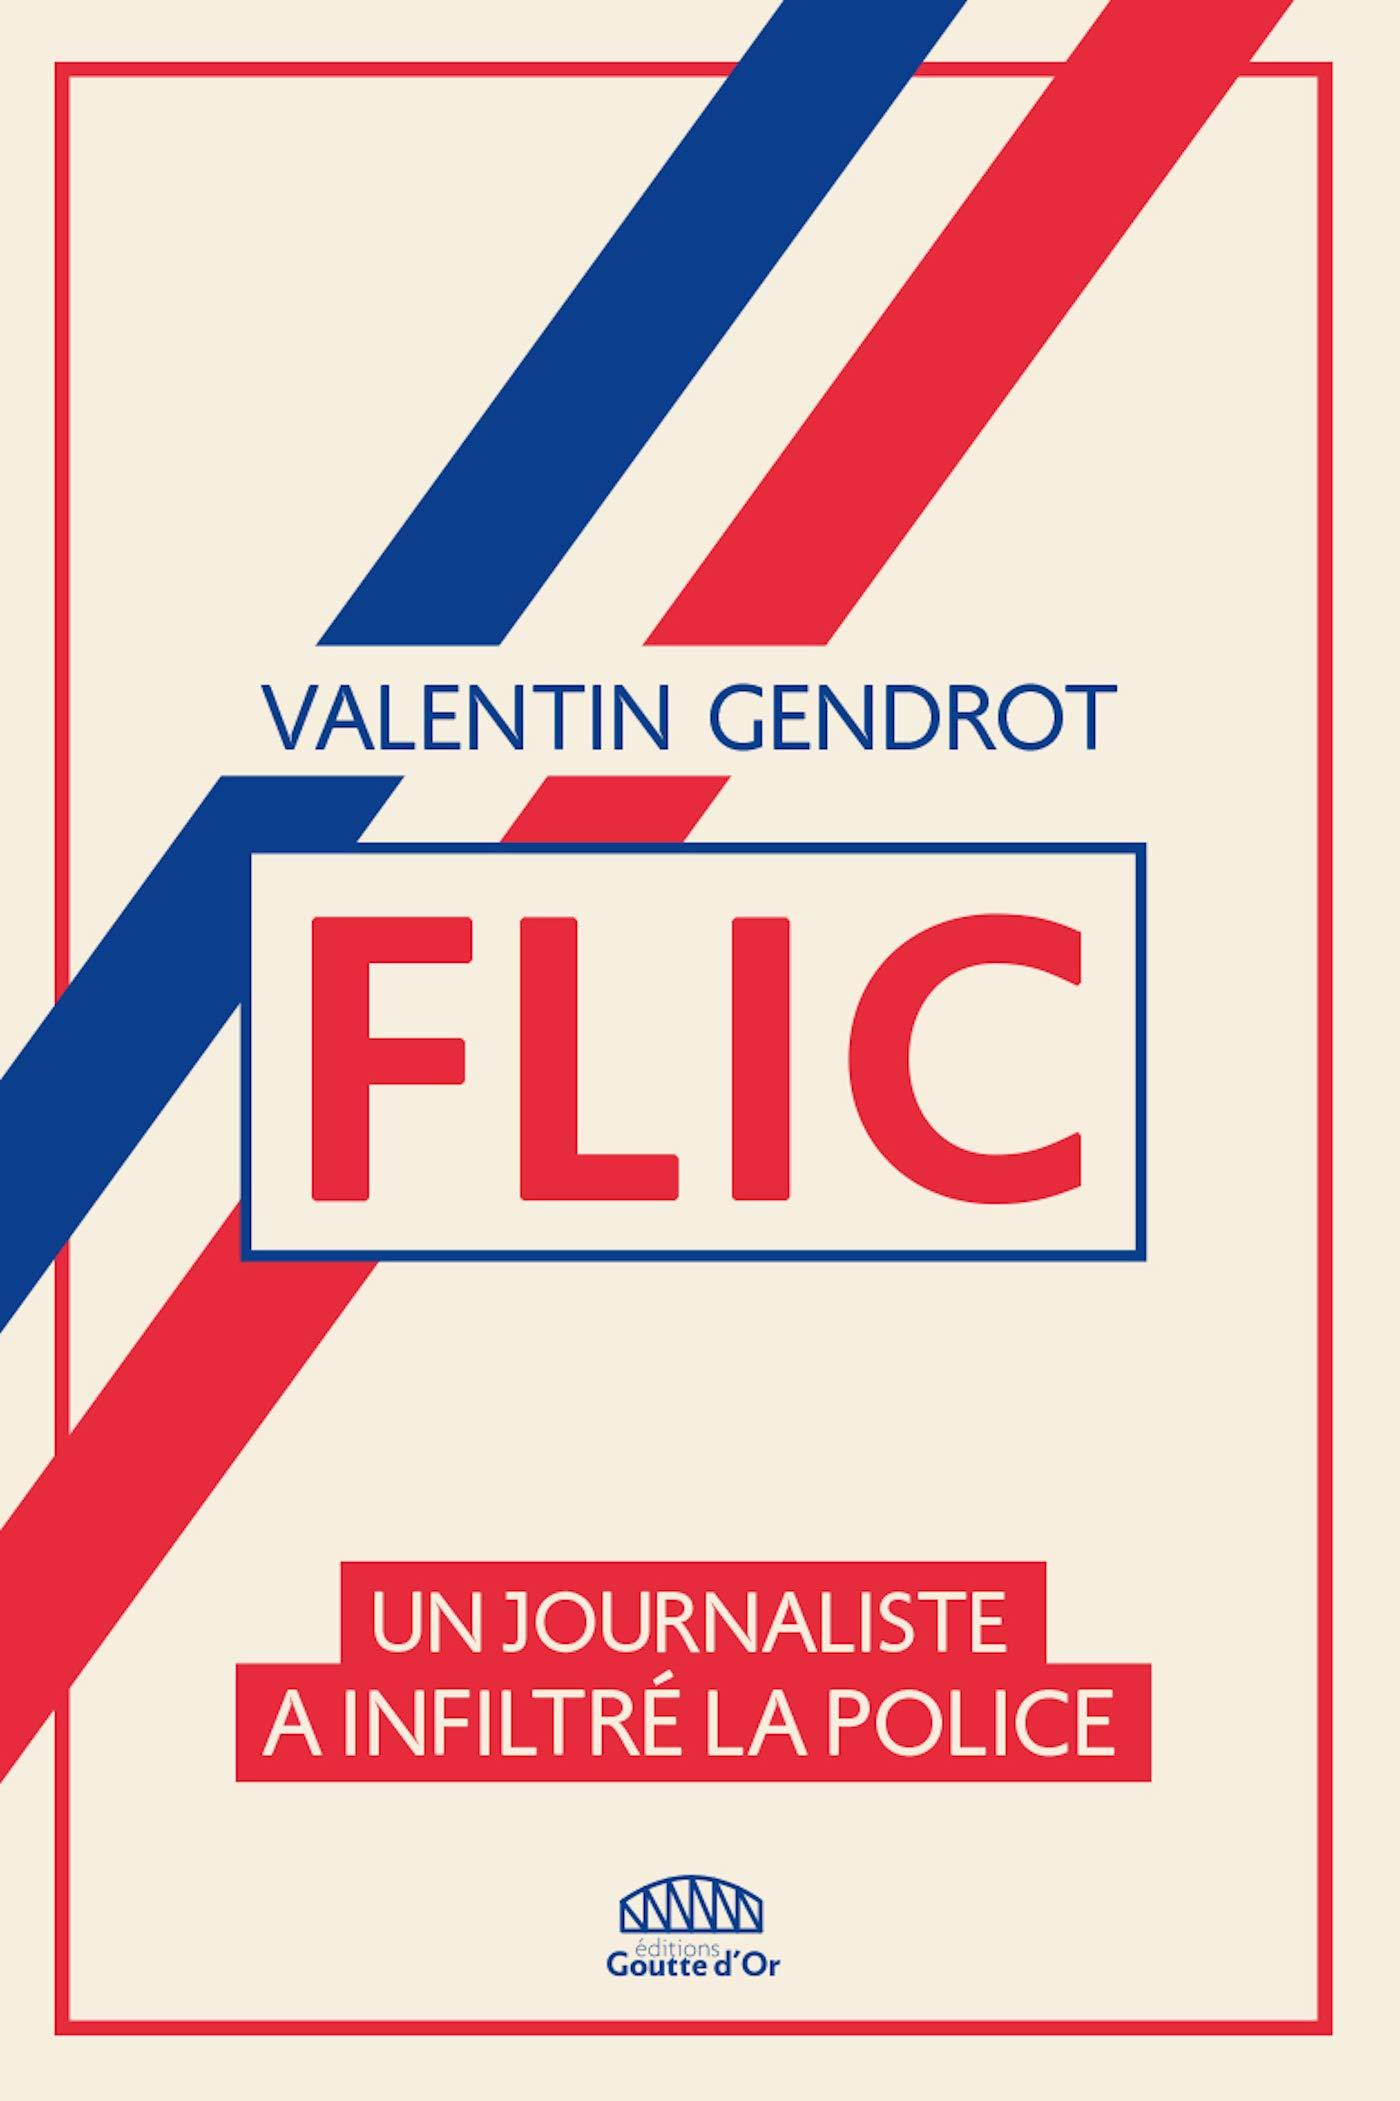 Flic: Un journaliste a infiltré la police (NON FICTION)